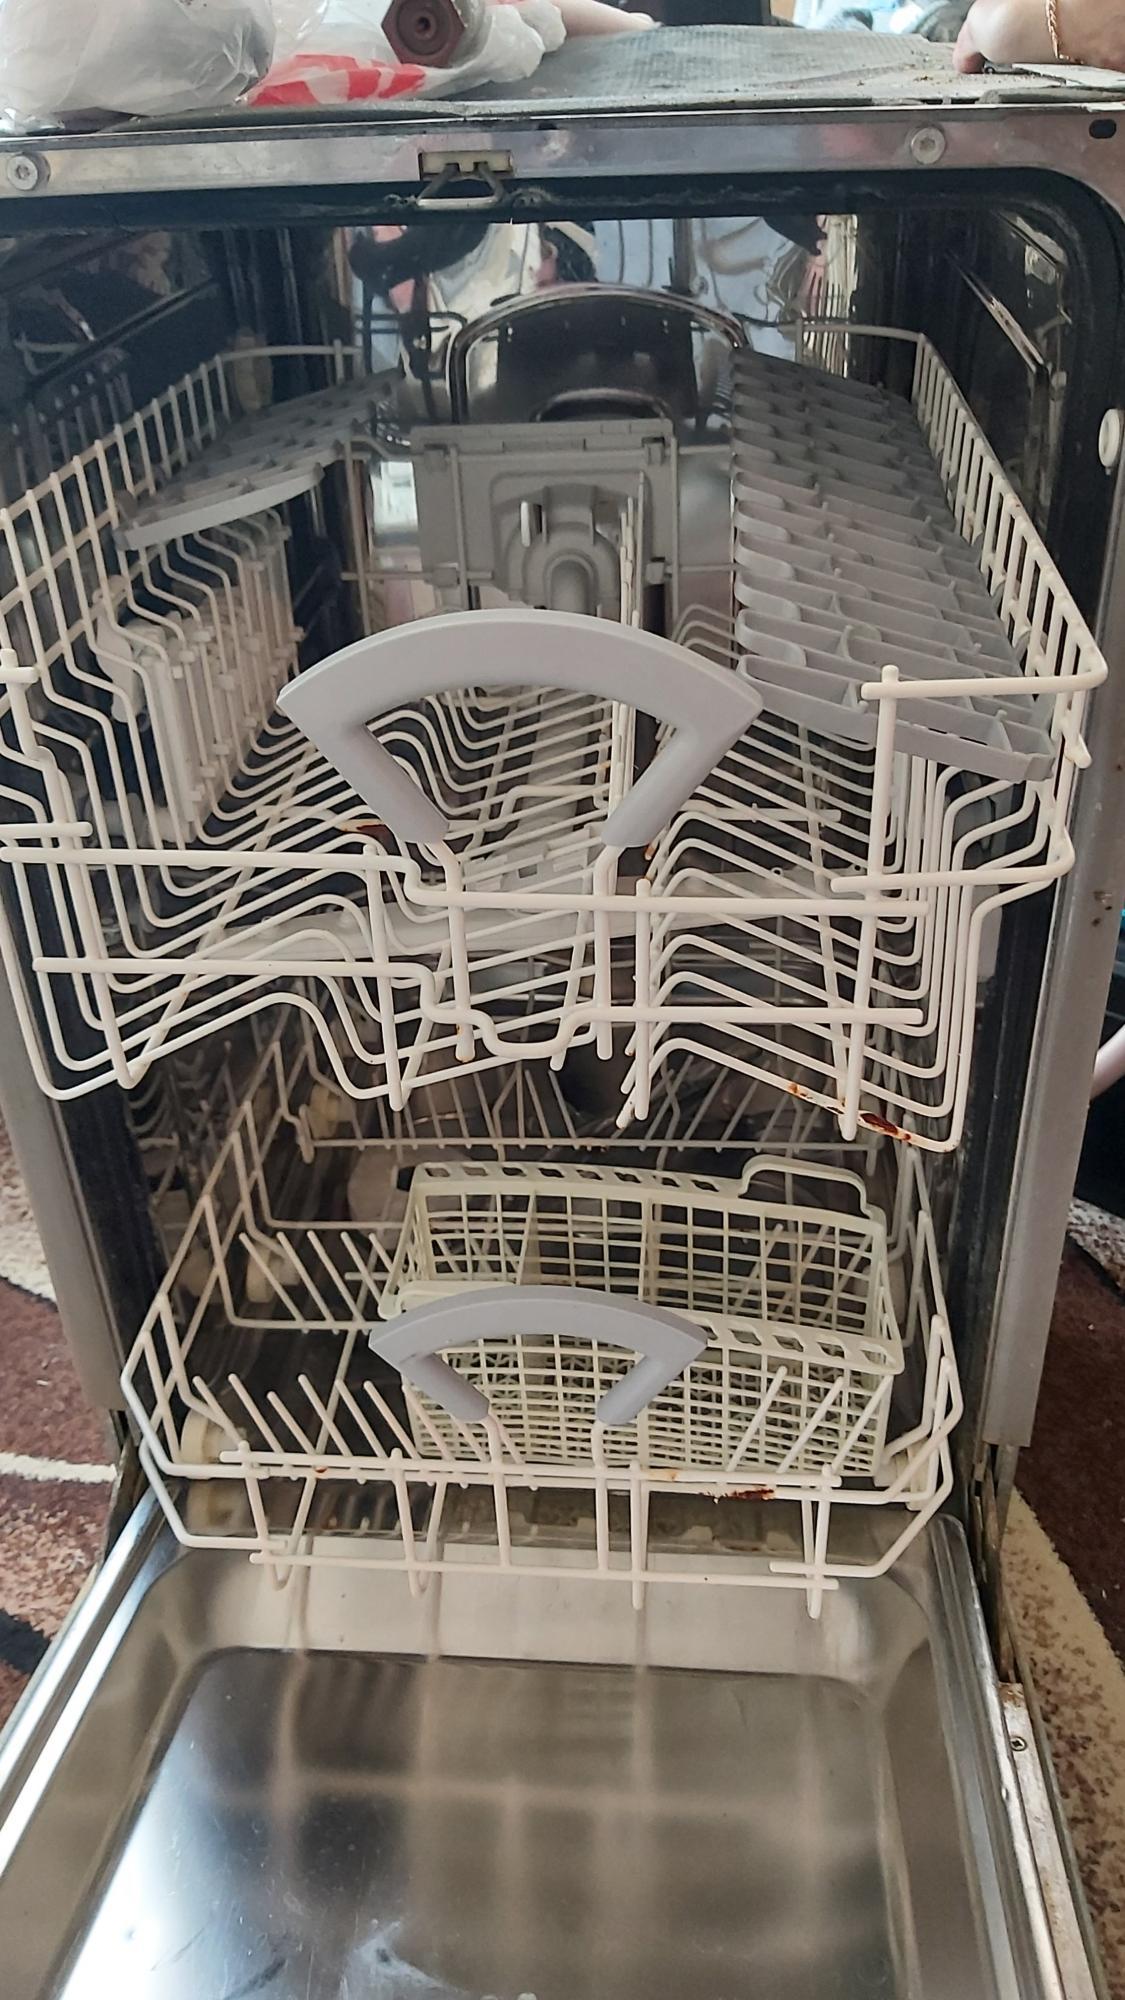 Посудомойка ARISTON в Котельниках 89261279167 купить 3